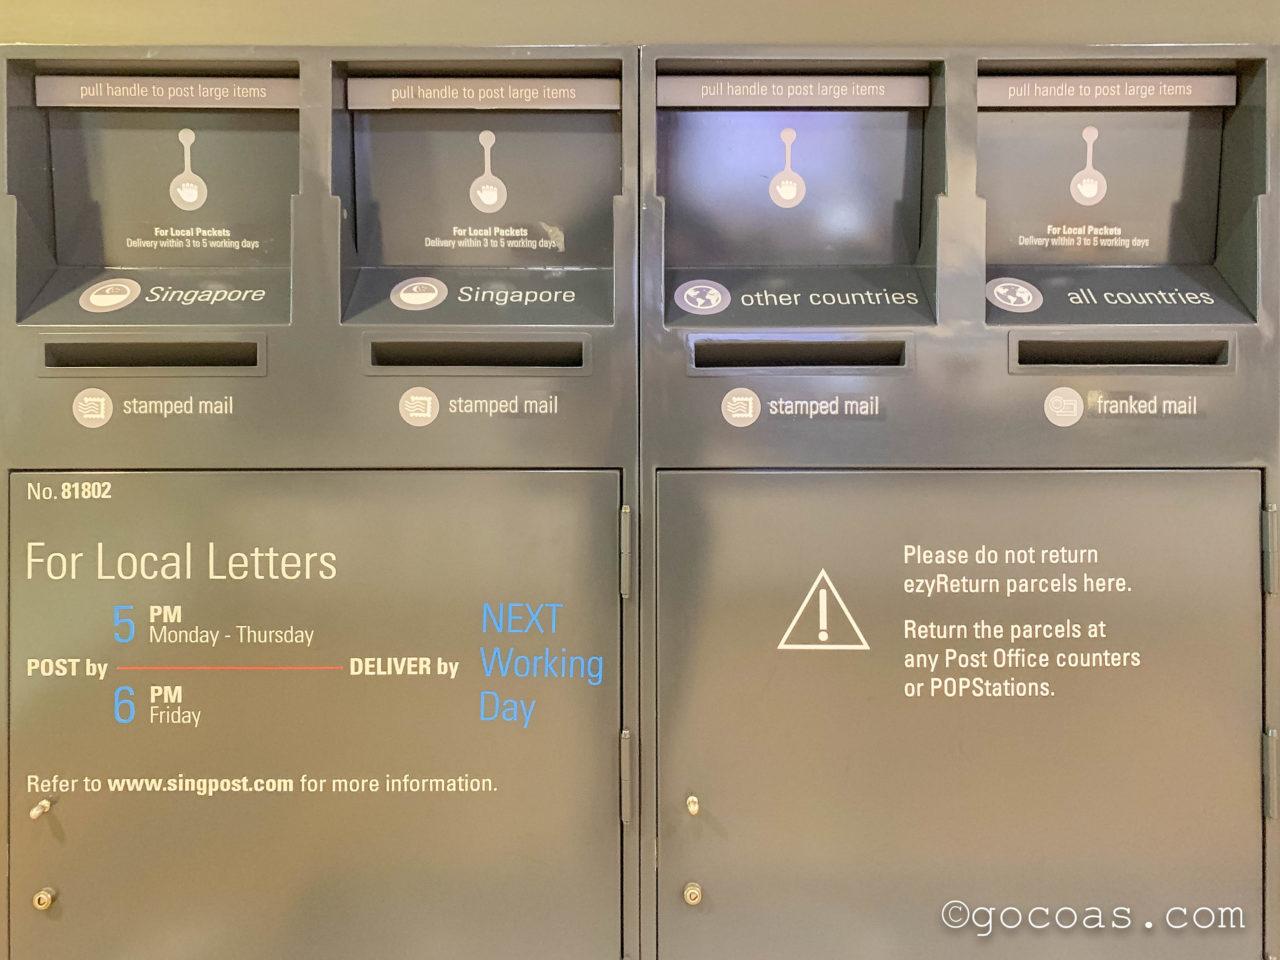 シンガポール・チャンギ国際空港の郵便局のポスト